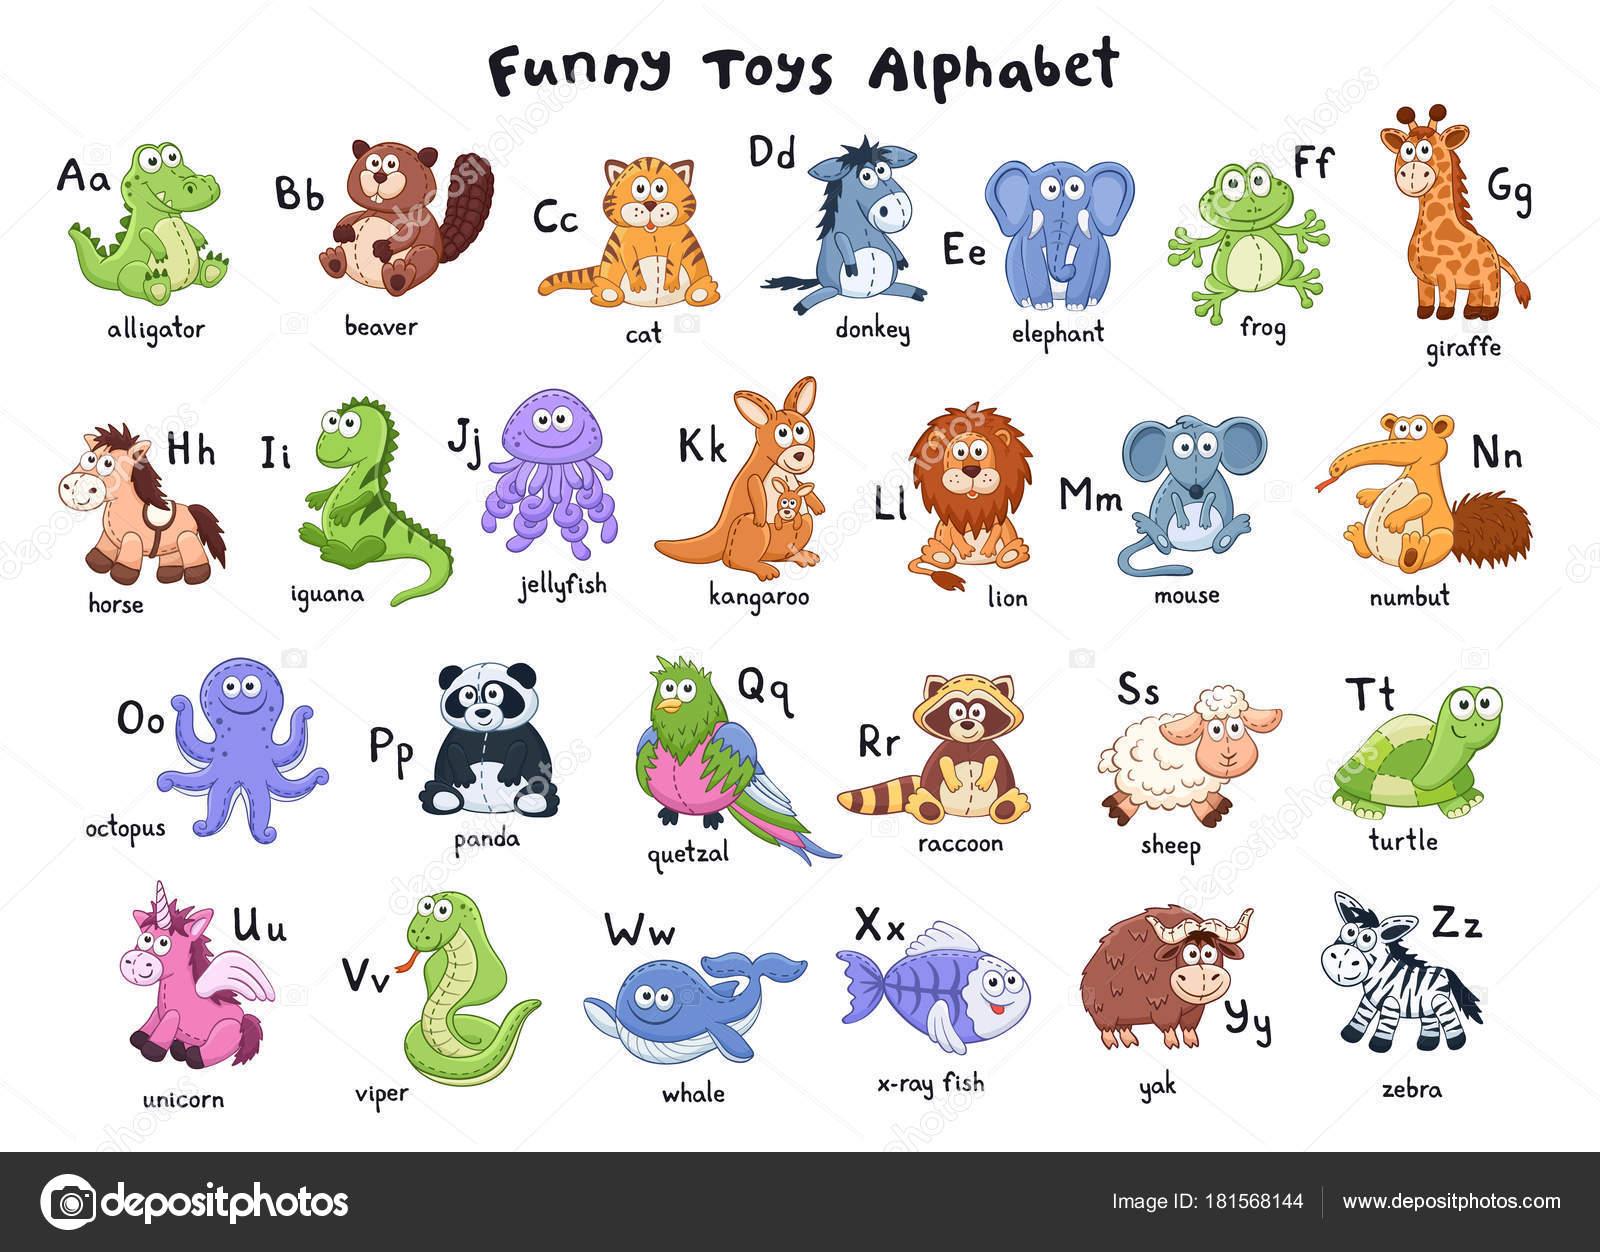 Zoológico De Animais Bebê Dos Desenhos Animados Vetor: Alfabeto De Animais Dos Desenhos Animados